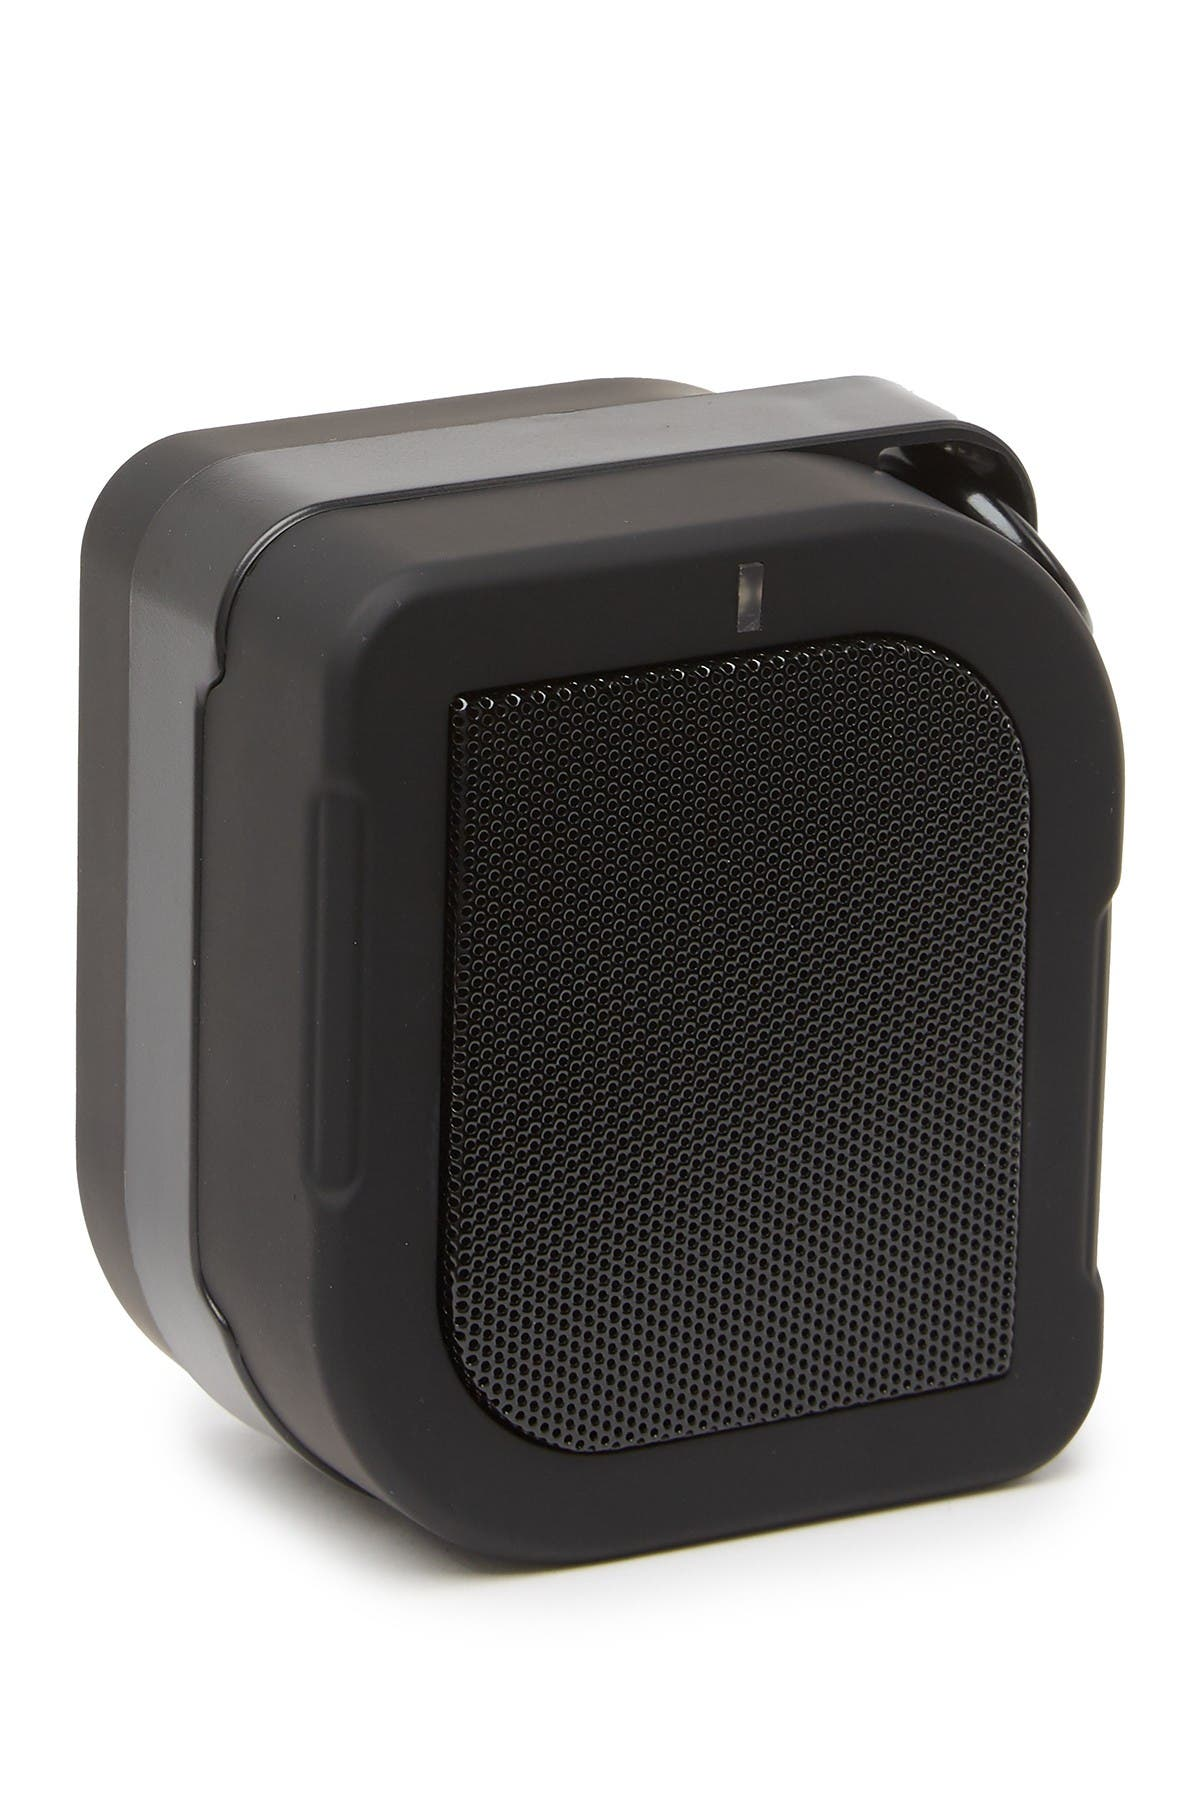 Image of Retrak 3-in-1 Speaker & Charger